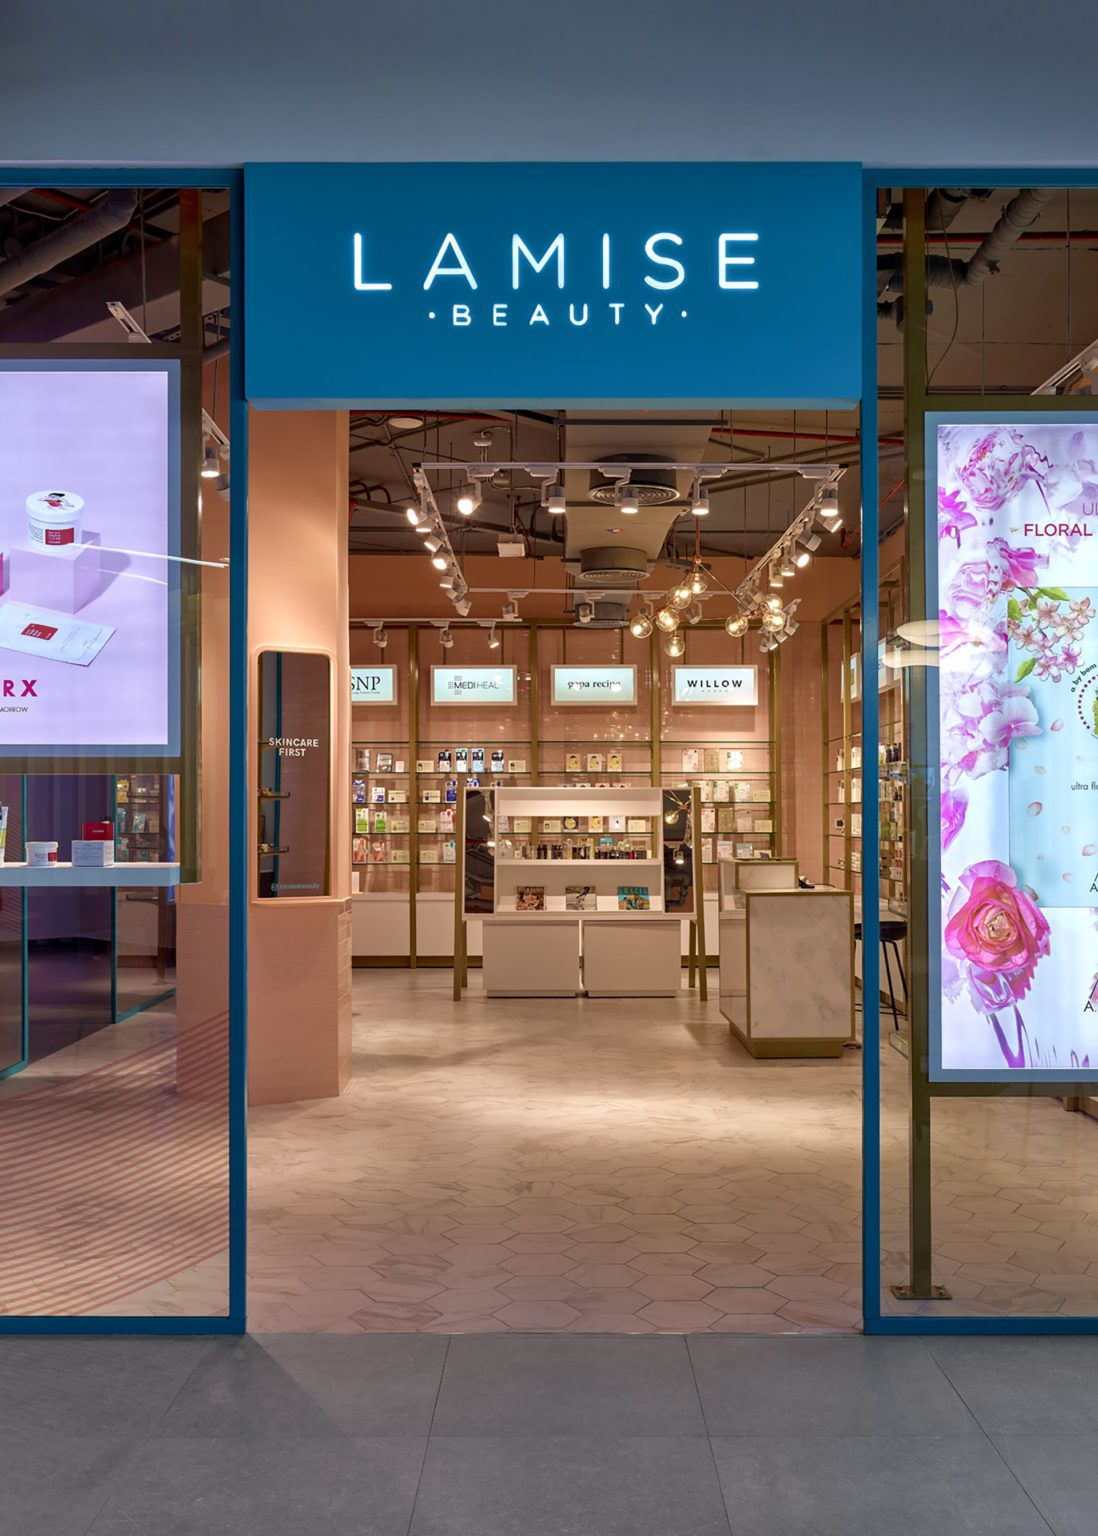 Beauty Clinic, Lifestyle, Retail, Retail Store/Shop Designs: 1004 Gourmet, Dubai - Love That Design